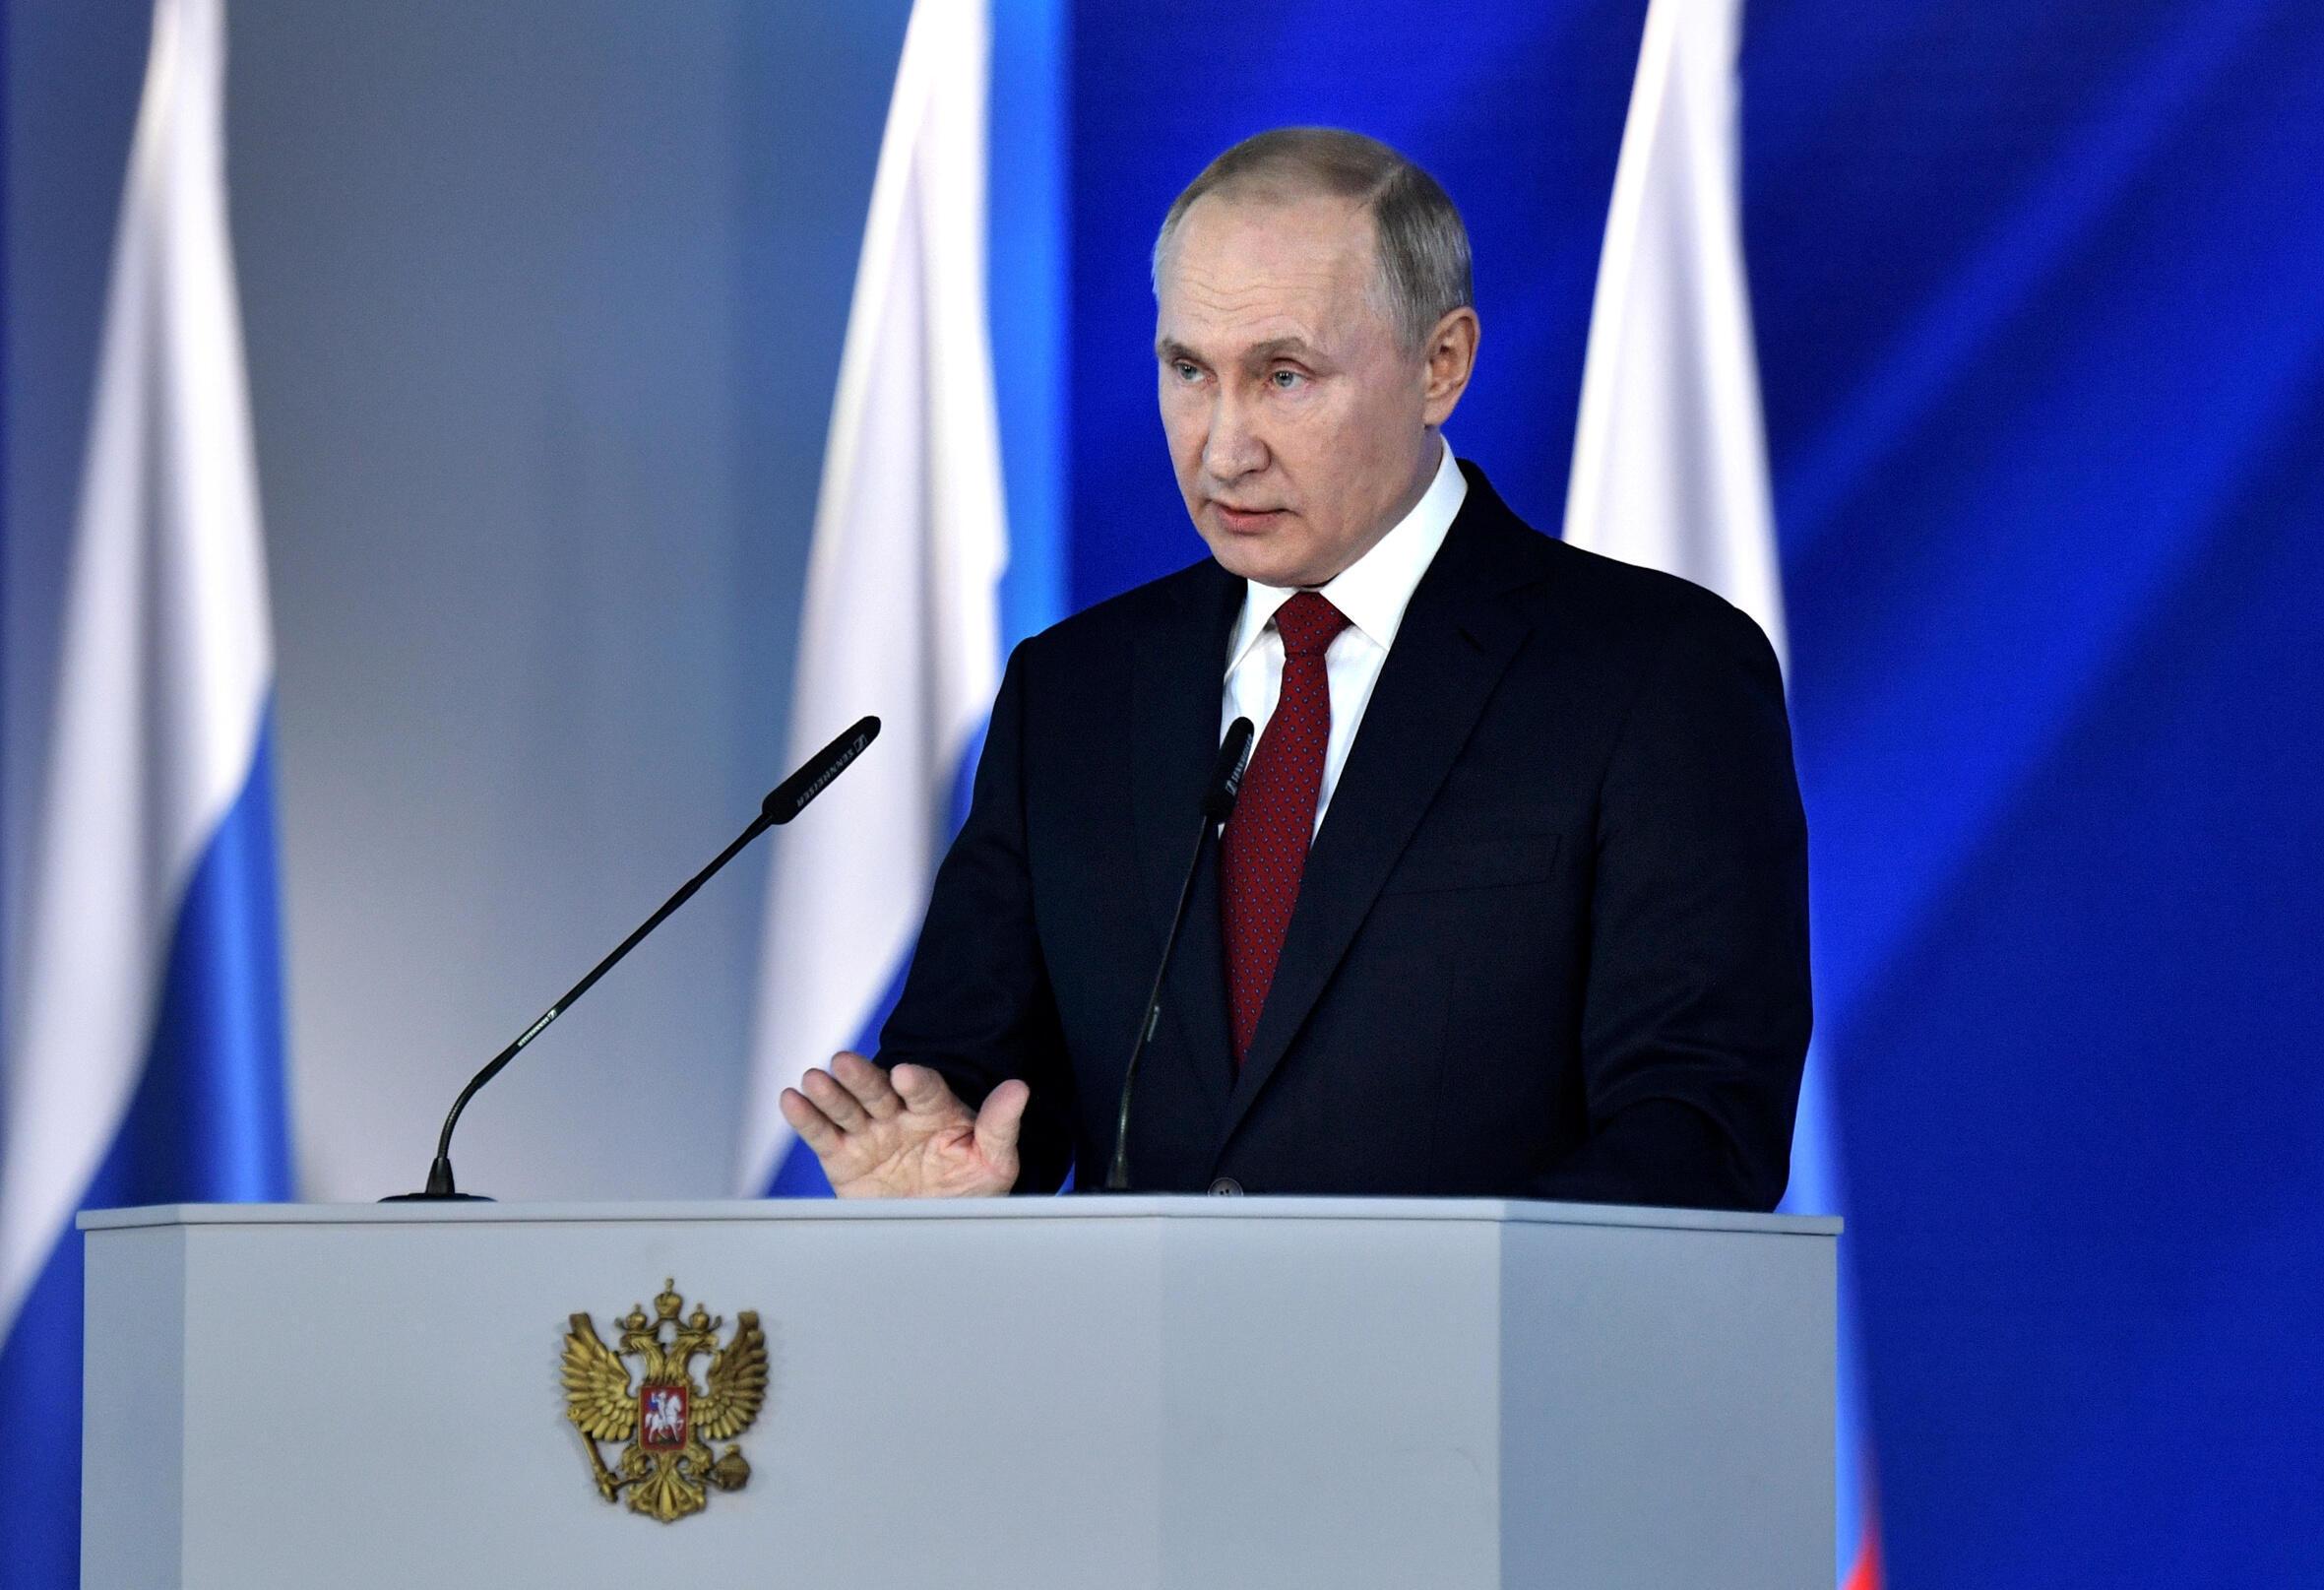 ប្រធានាធិបតីរុស្ស៊ីលោក  Vladimir Poutine នៅឱកាសថ្លែងសន្ទរកថាប្រចាំឆ្នាំស្តីពីស្ថានភាពជាតិកាលពីថ្ងៃទី១៥ មករានៅមុខសភា